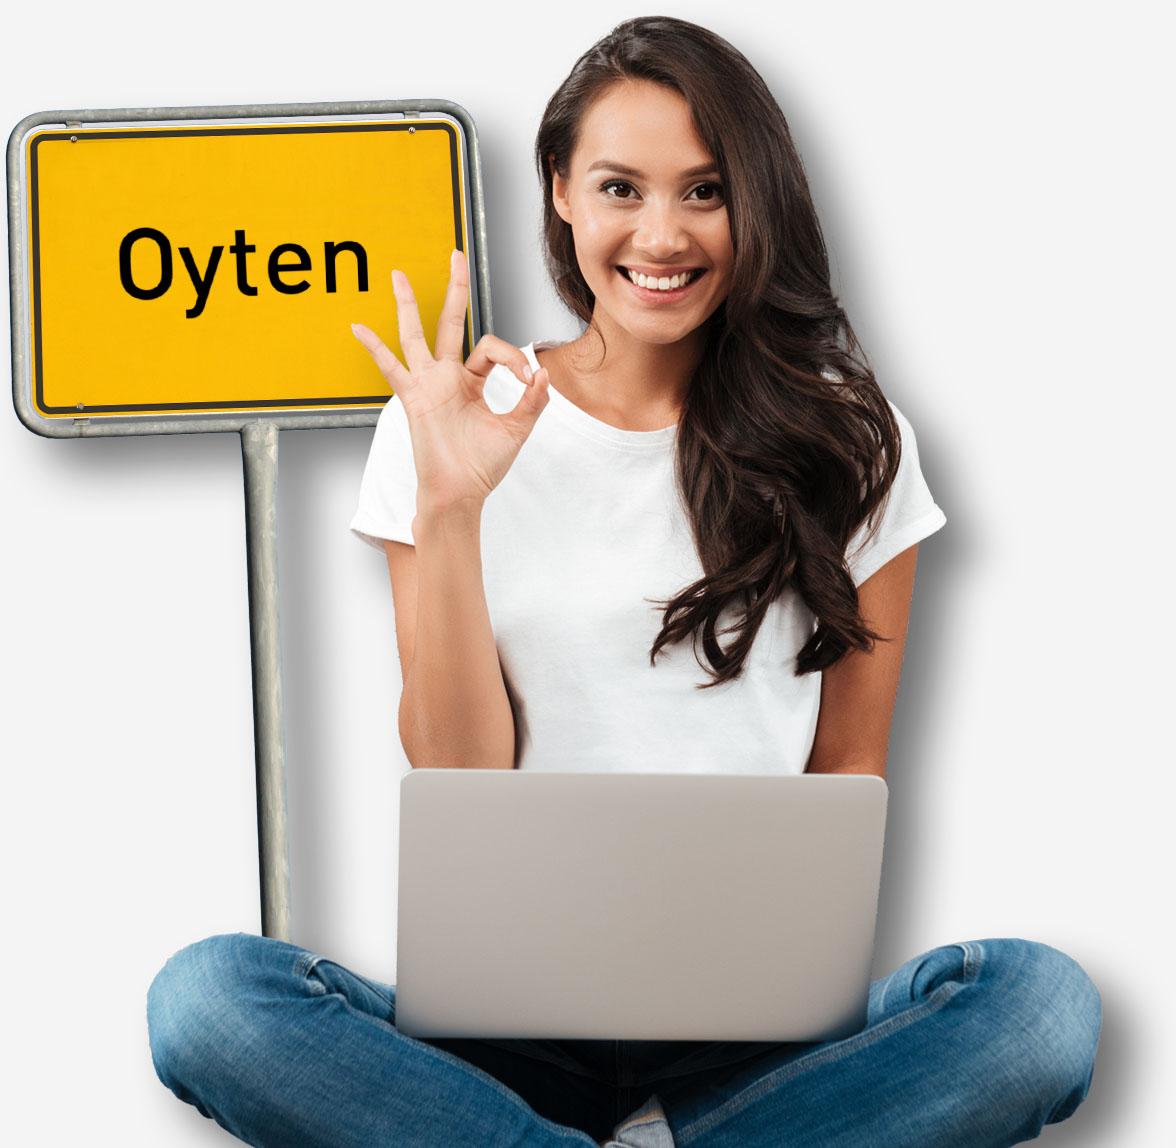 Digitalberatung für Oyten - Speckgürtel Bremen